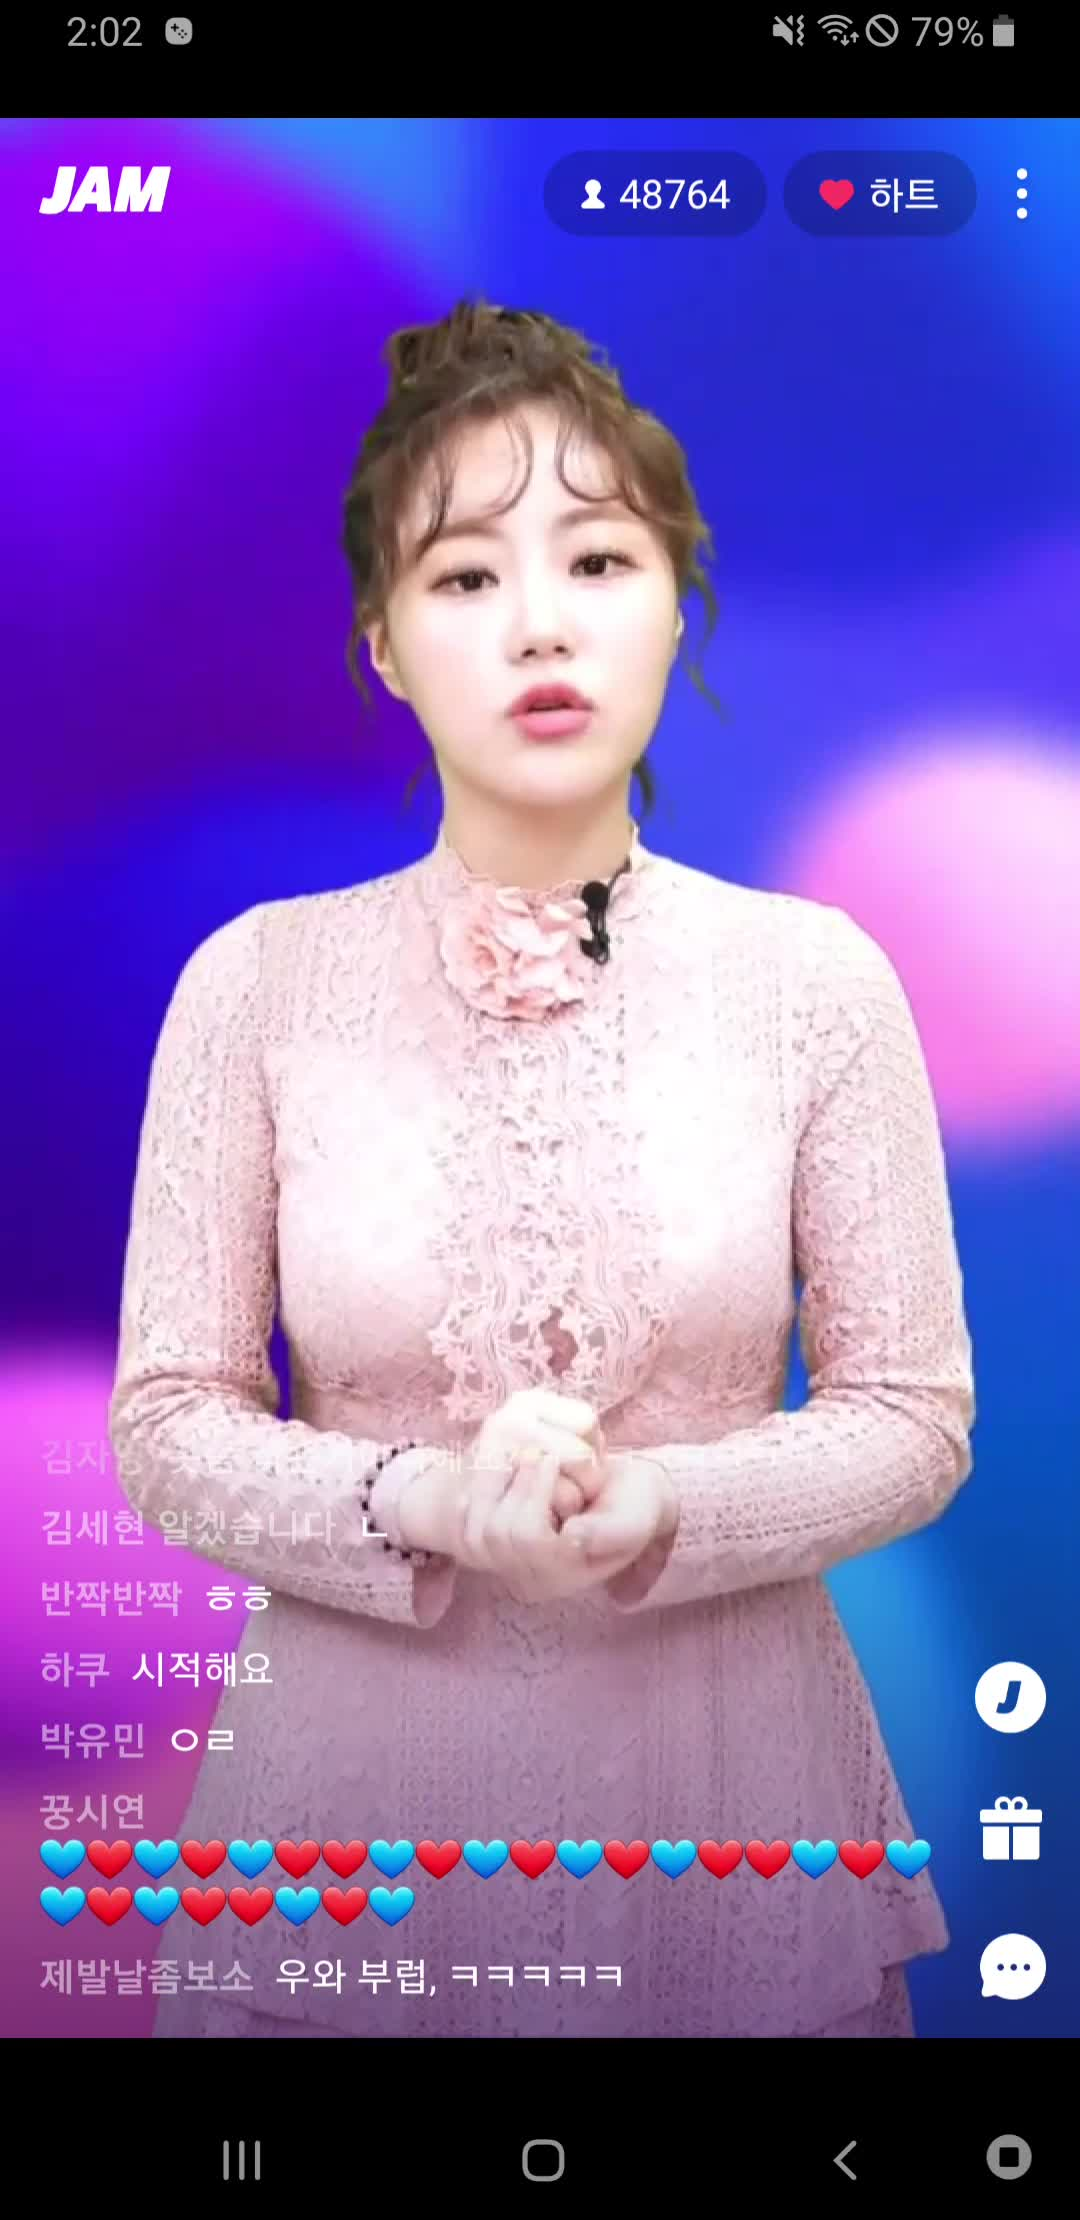 19.03.23 잼라이브 잼송이 허송연